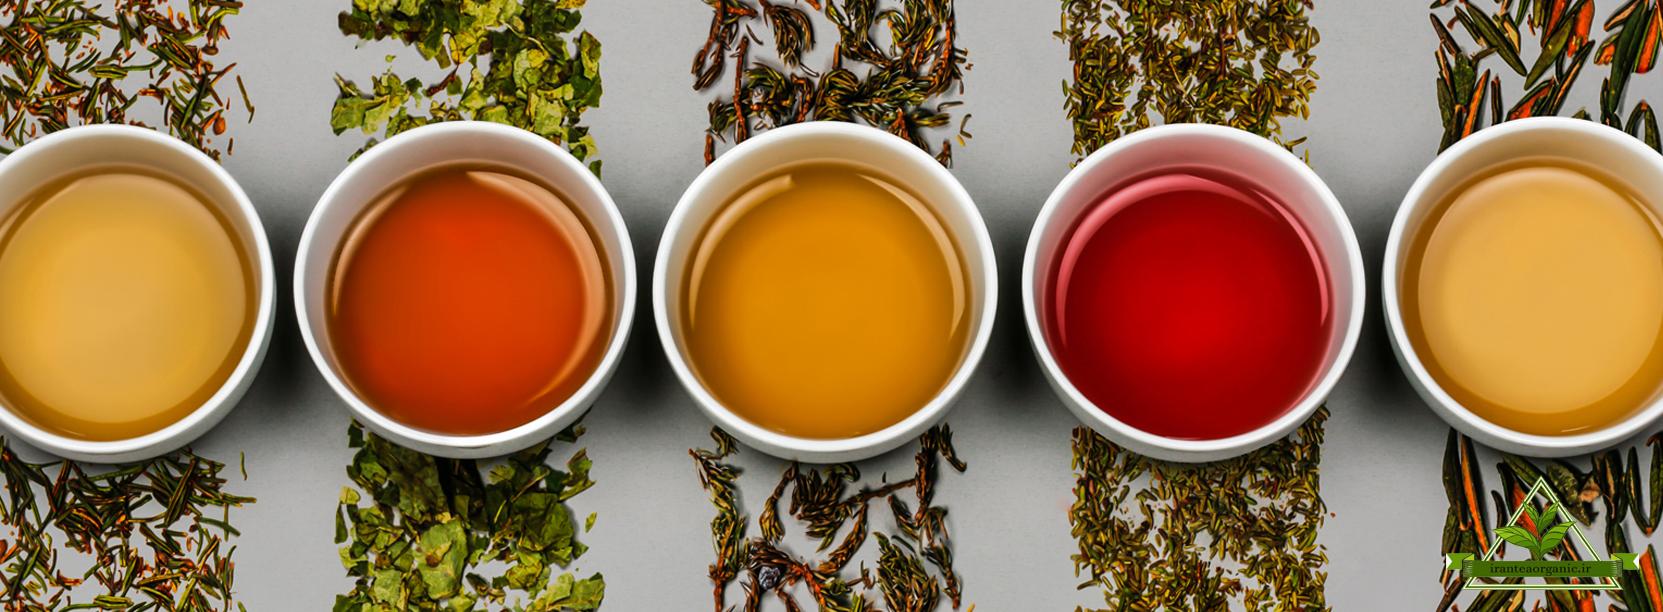 مرکز فروش بهترین چای شمال